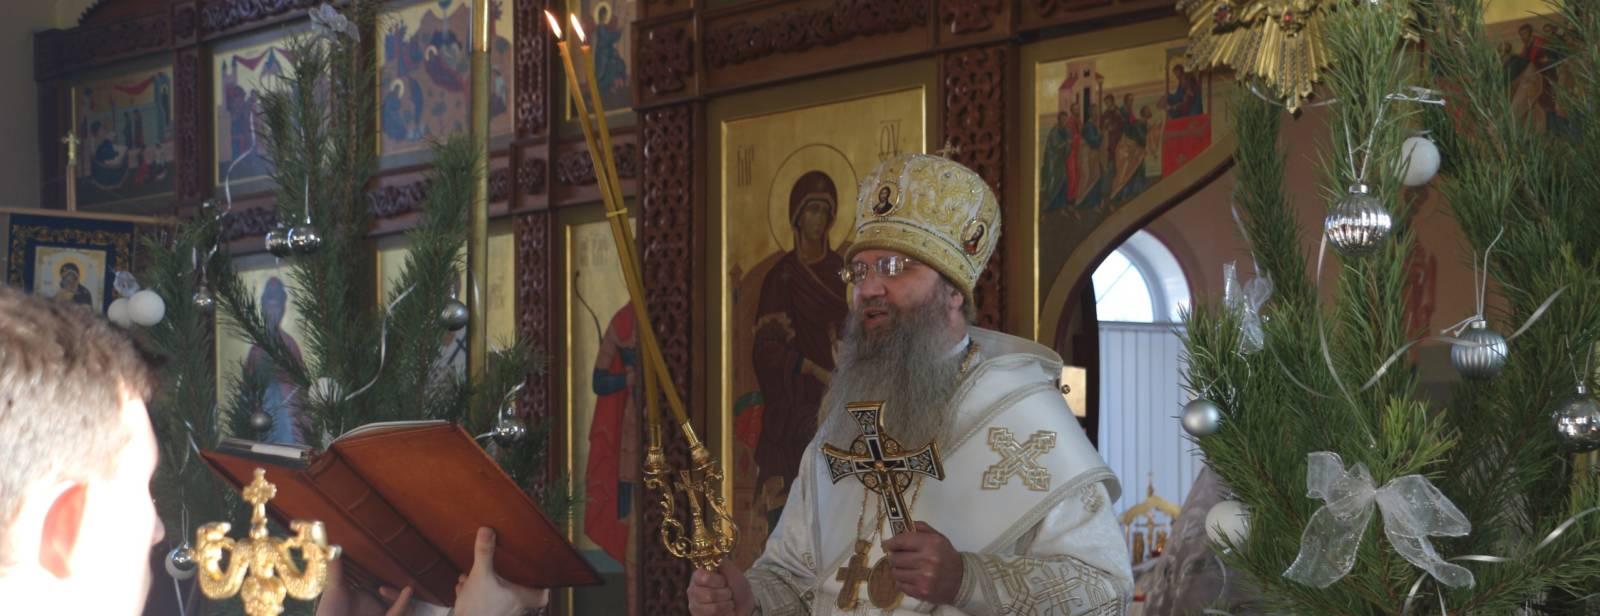 Божественная литургия в храме Богоявления Господня г. Фролово.